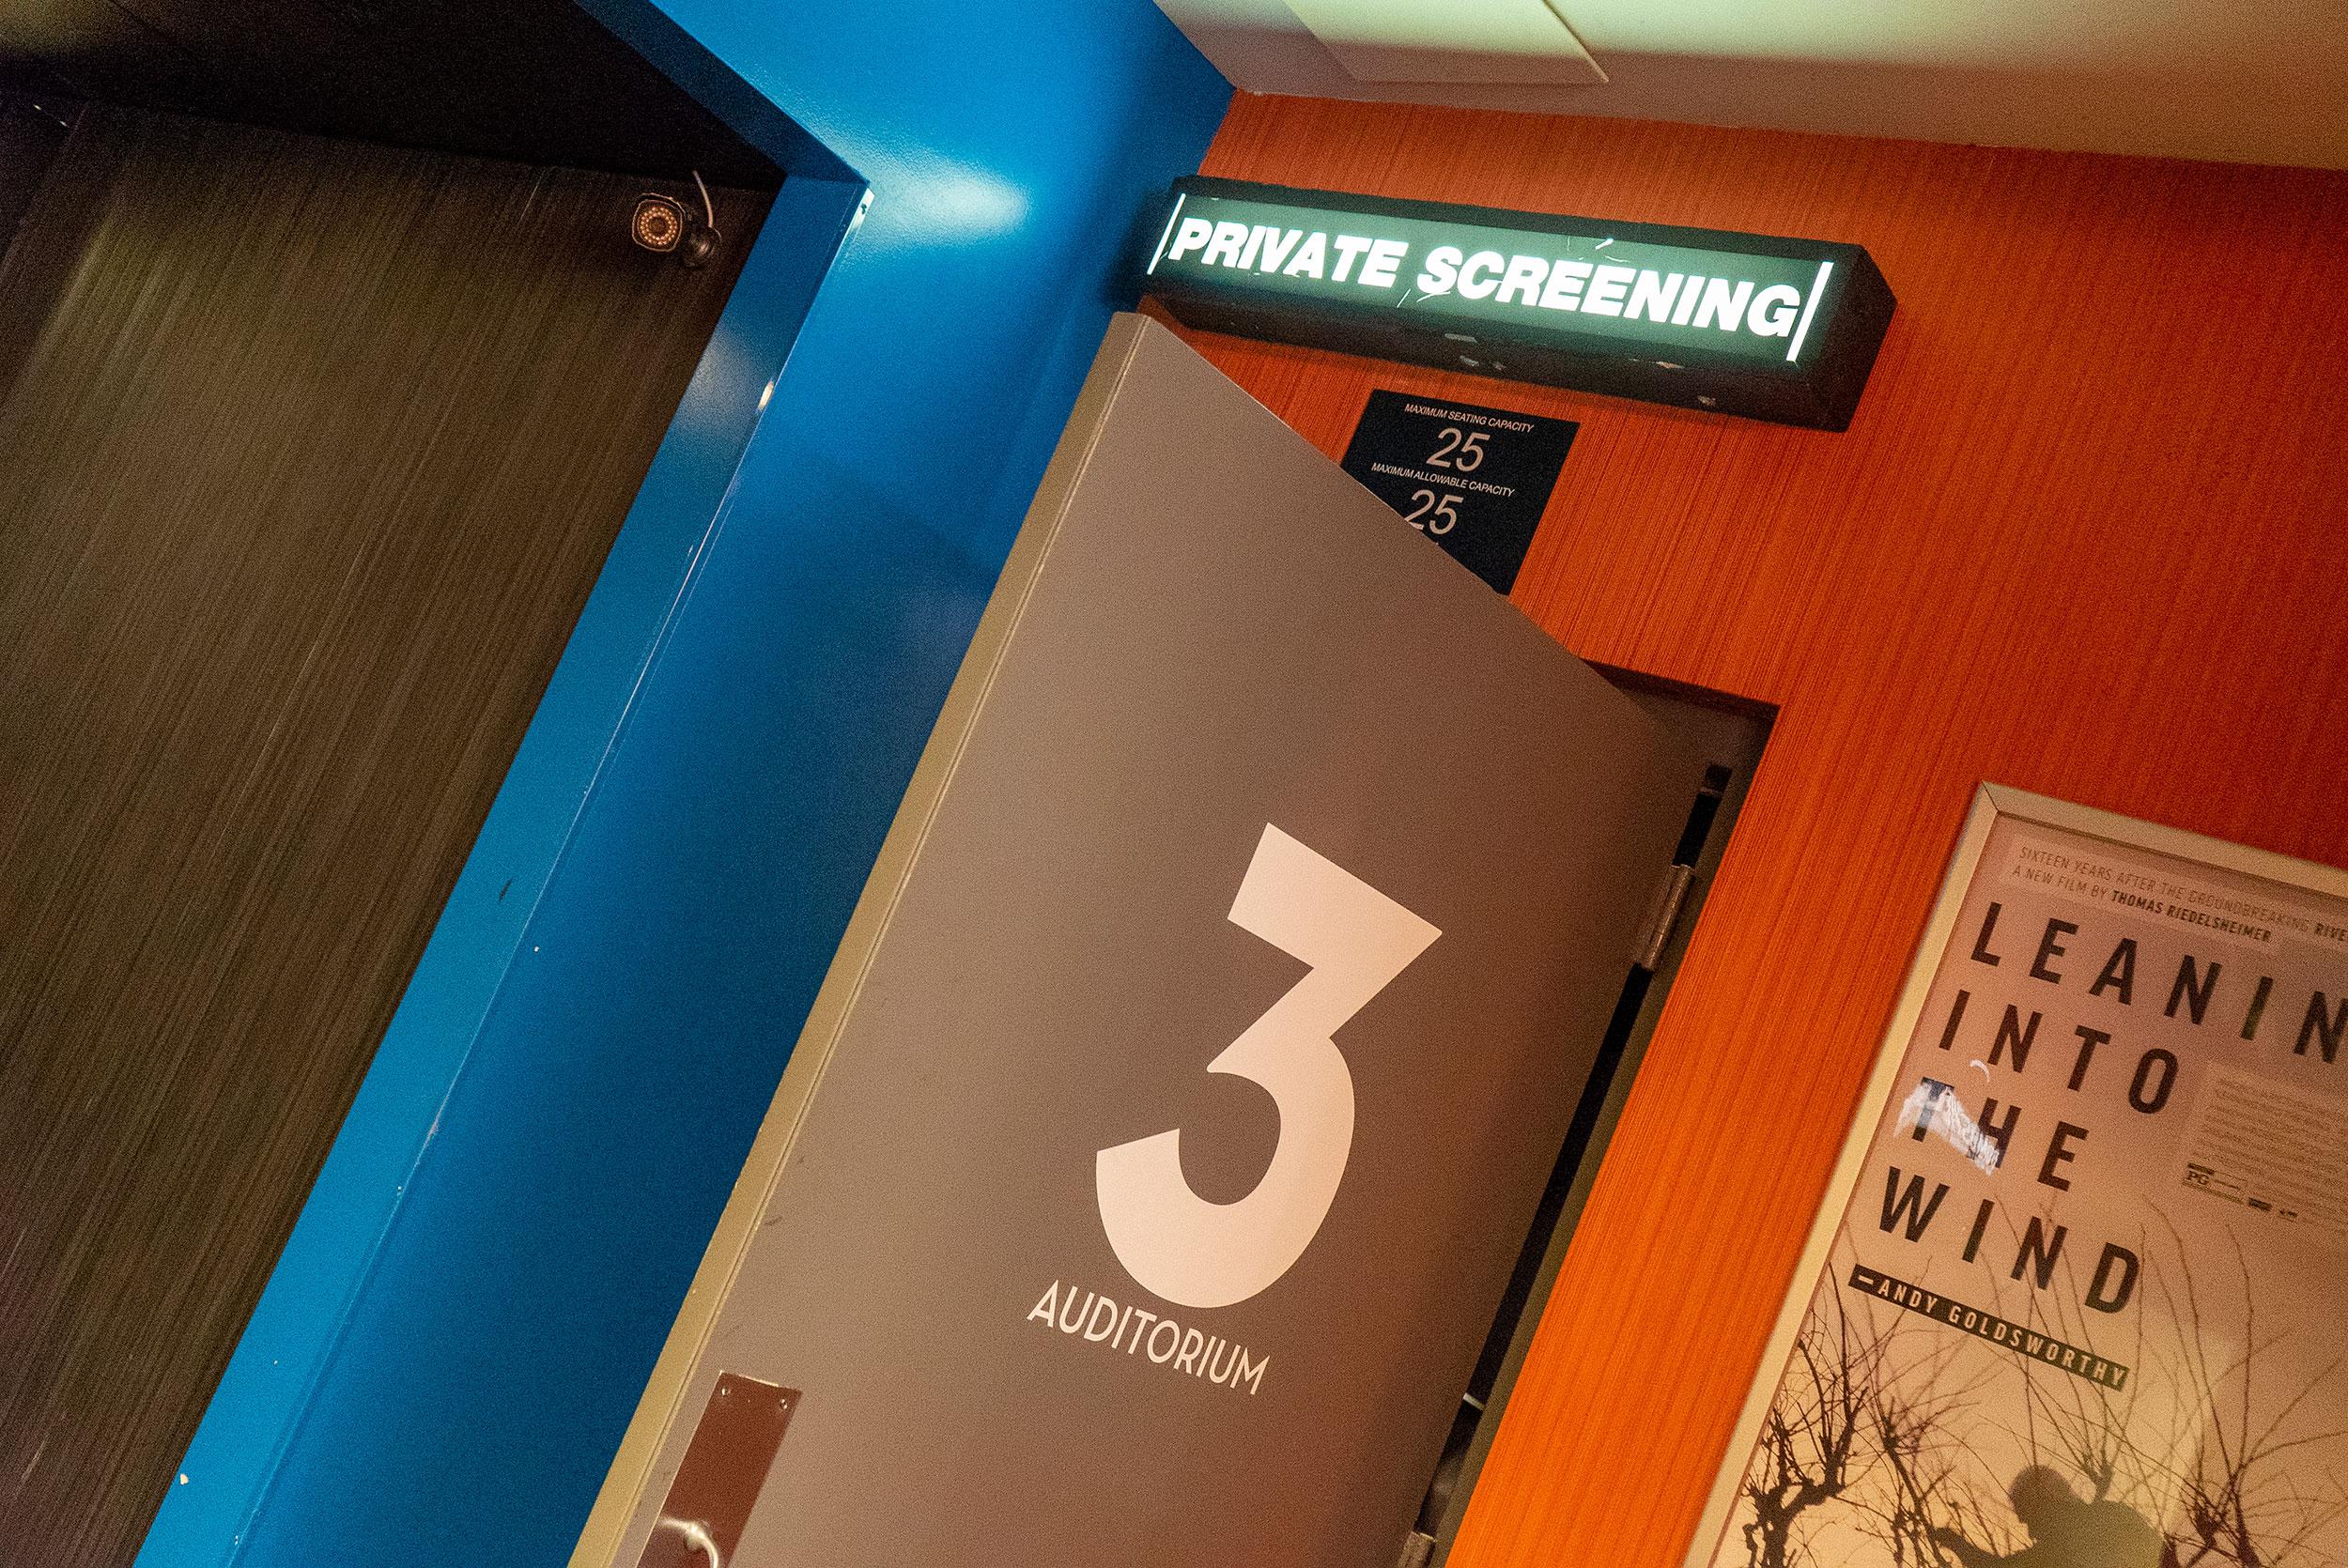 ATM-Blog-Host-a-Screening-02.jpg